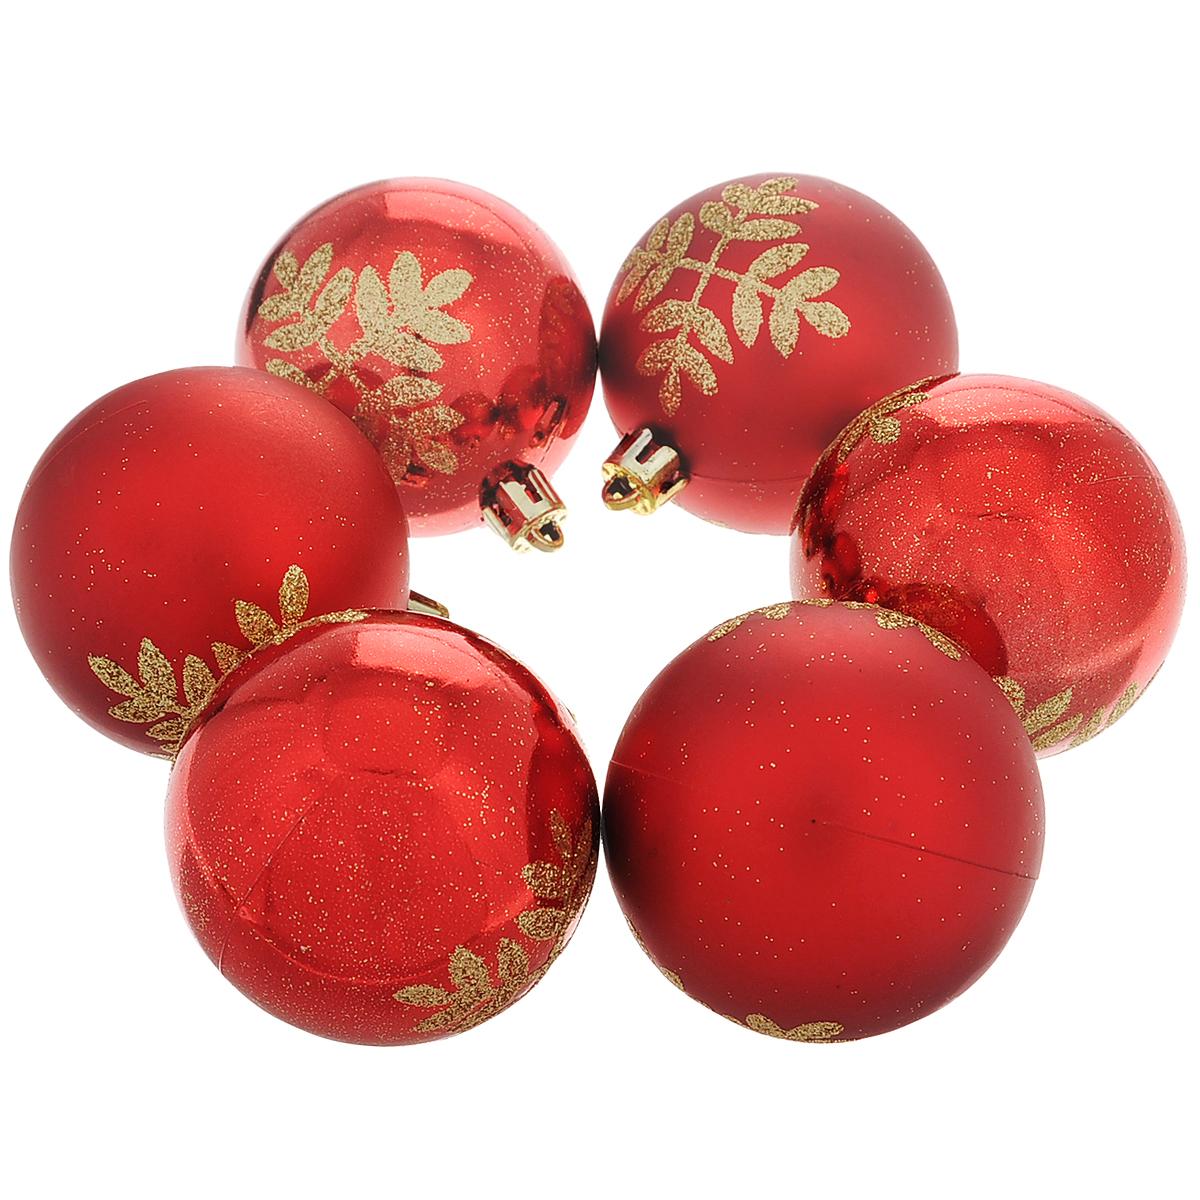 Набор новогодних подвесных украшений Шар, цвет: красный, золотистый, диаметр 6 см, 6 шт. 35508 набор подвесных новогодних украшений шары цвет золотистый красный 6 шт 26270